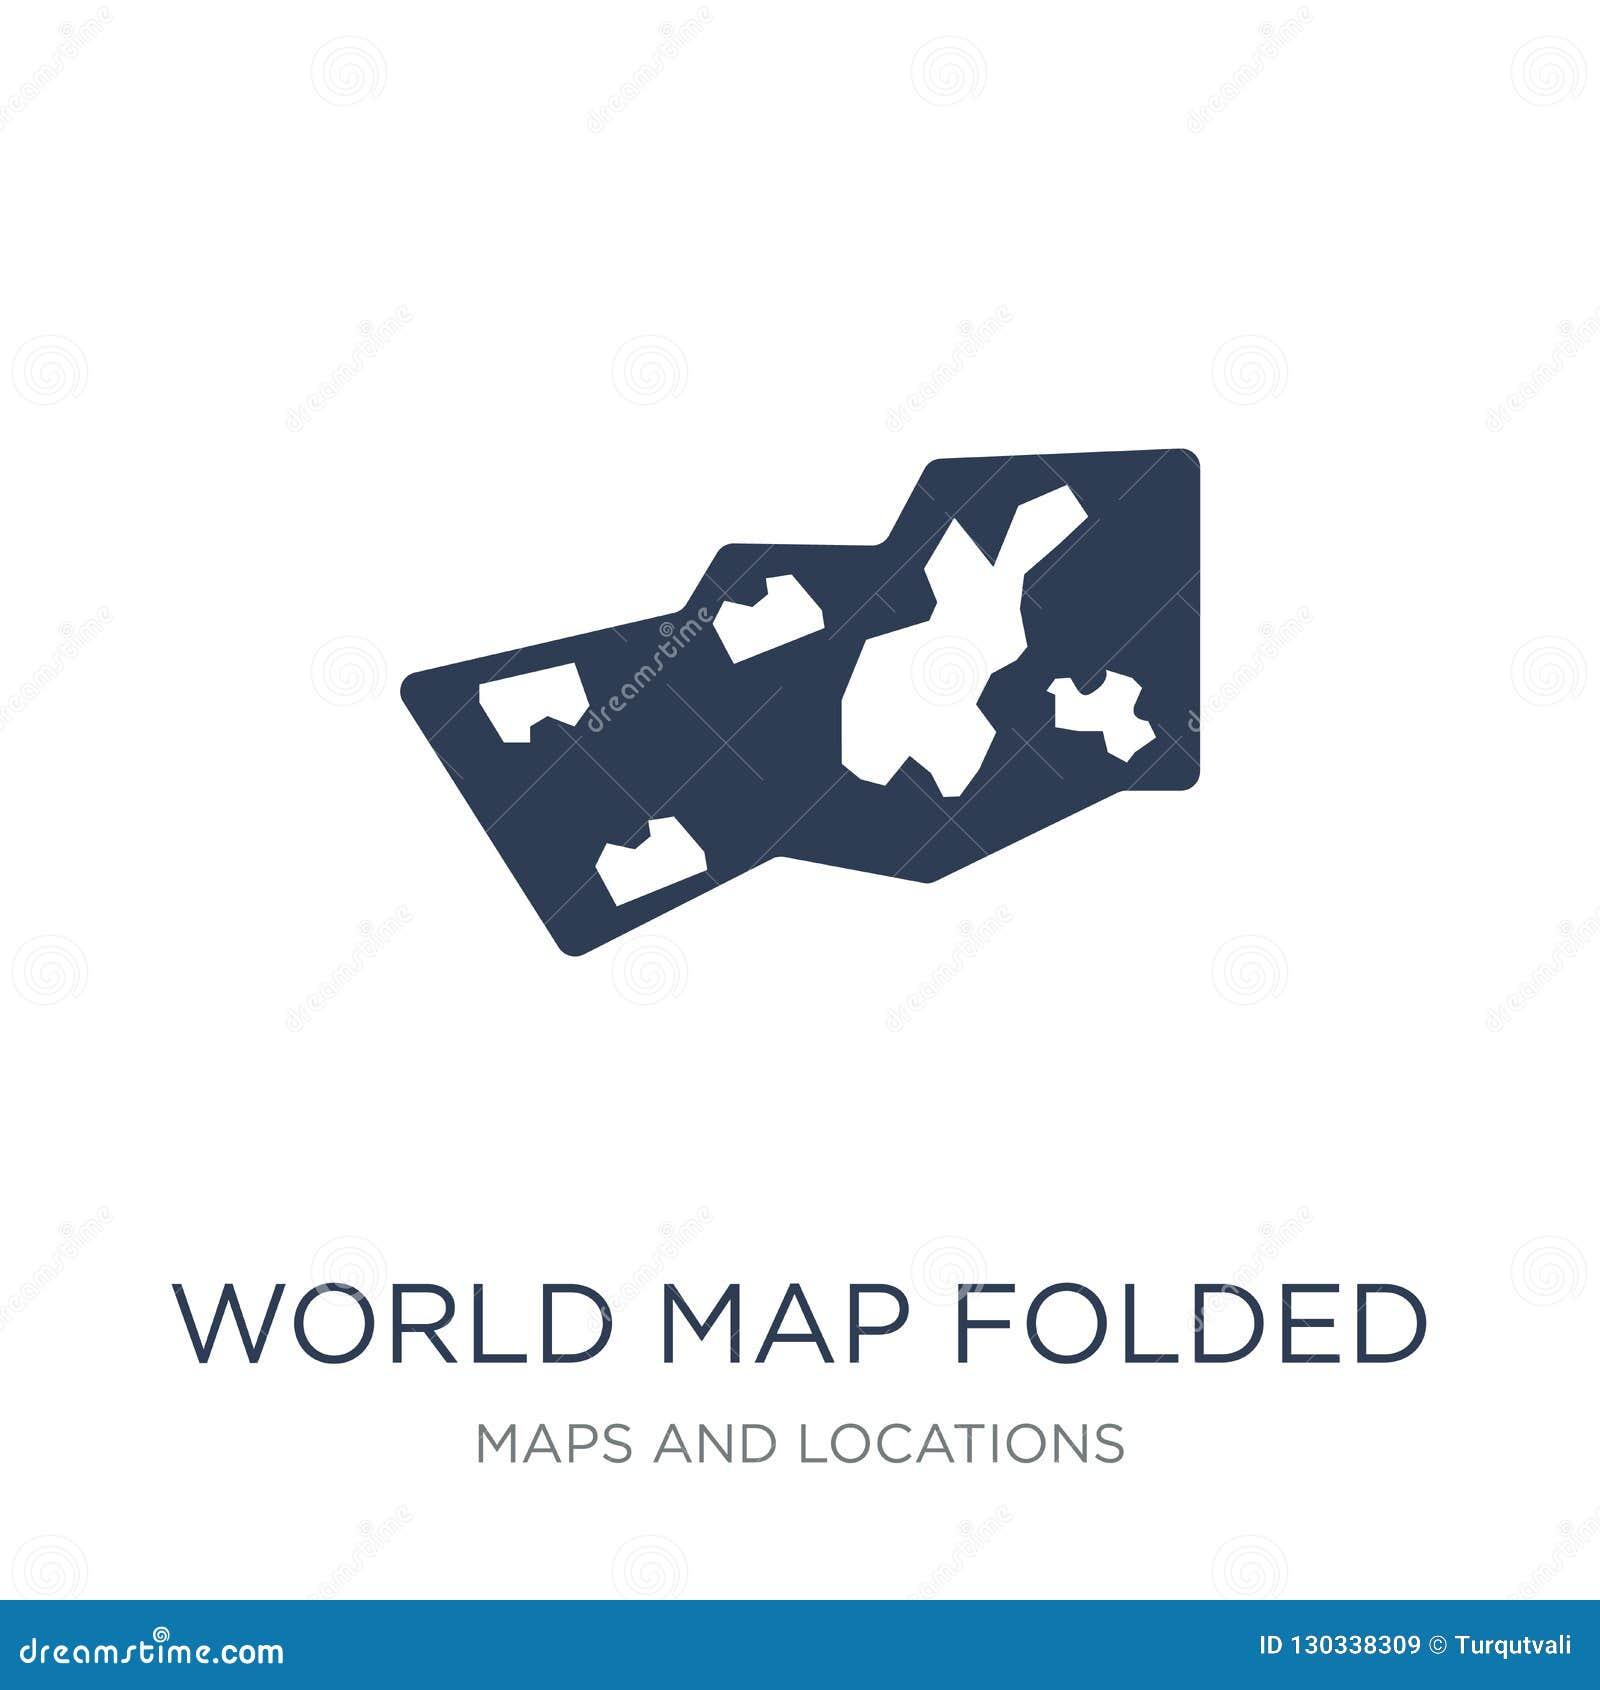 Παγκόσμιο διπλωμένο χάρτης εικονίδιο Καθιερώνον τη μόδα επίπεδο διανυσματικό παγκόσμιο διπλωμένο χάρτης εικονίδιο